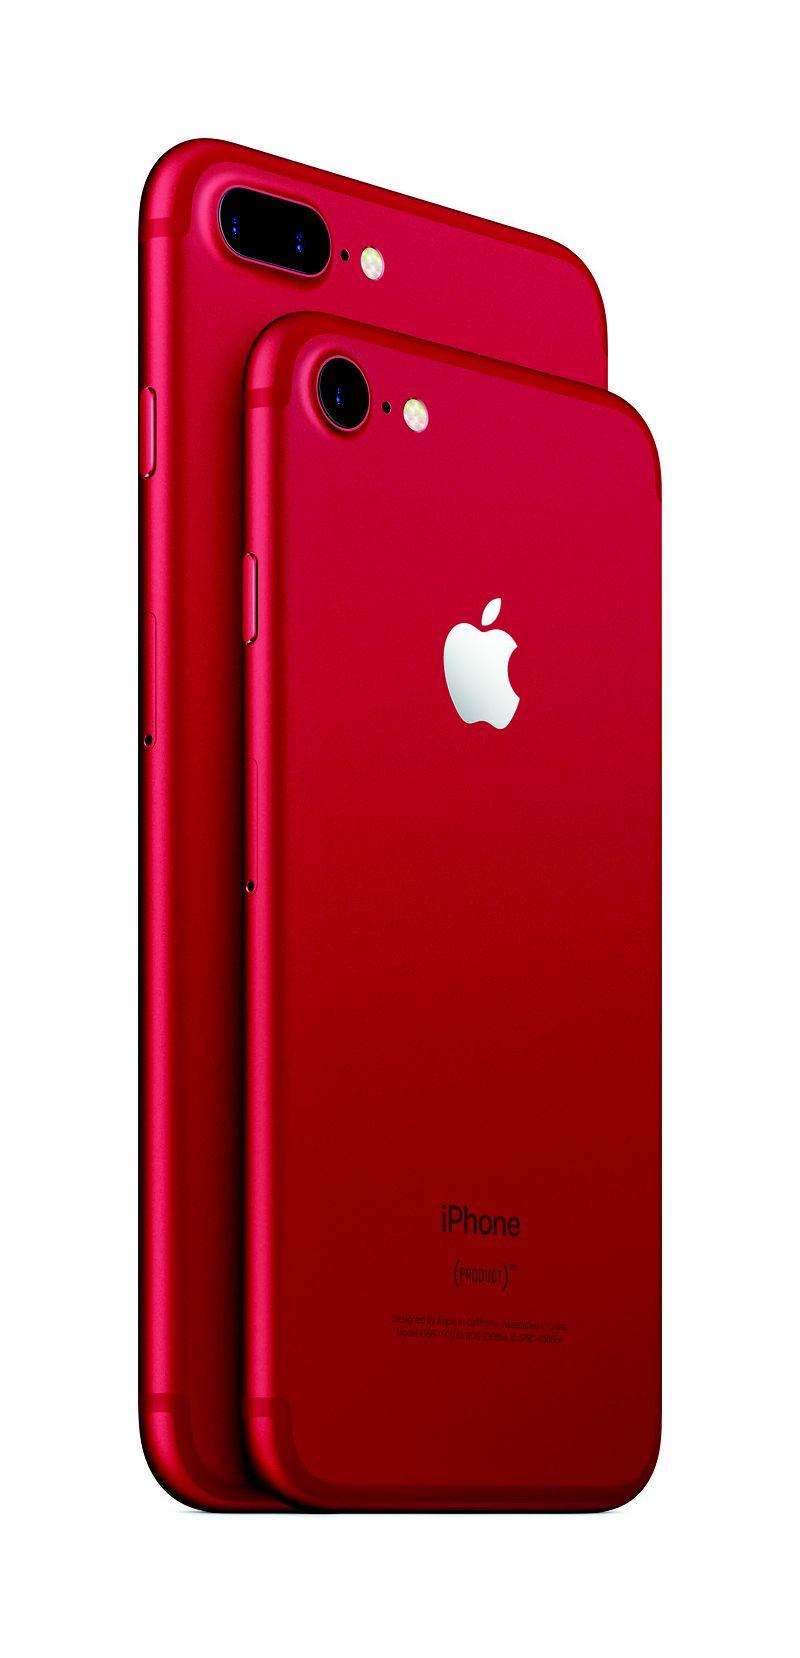 червоний iPhone, червоний айфон